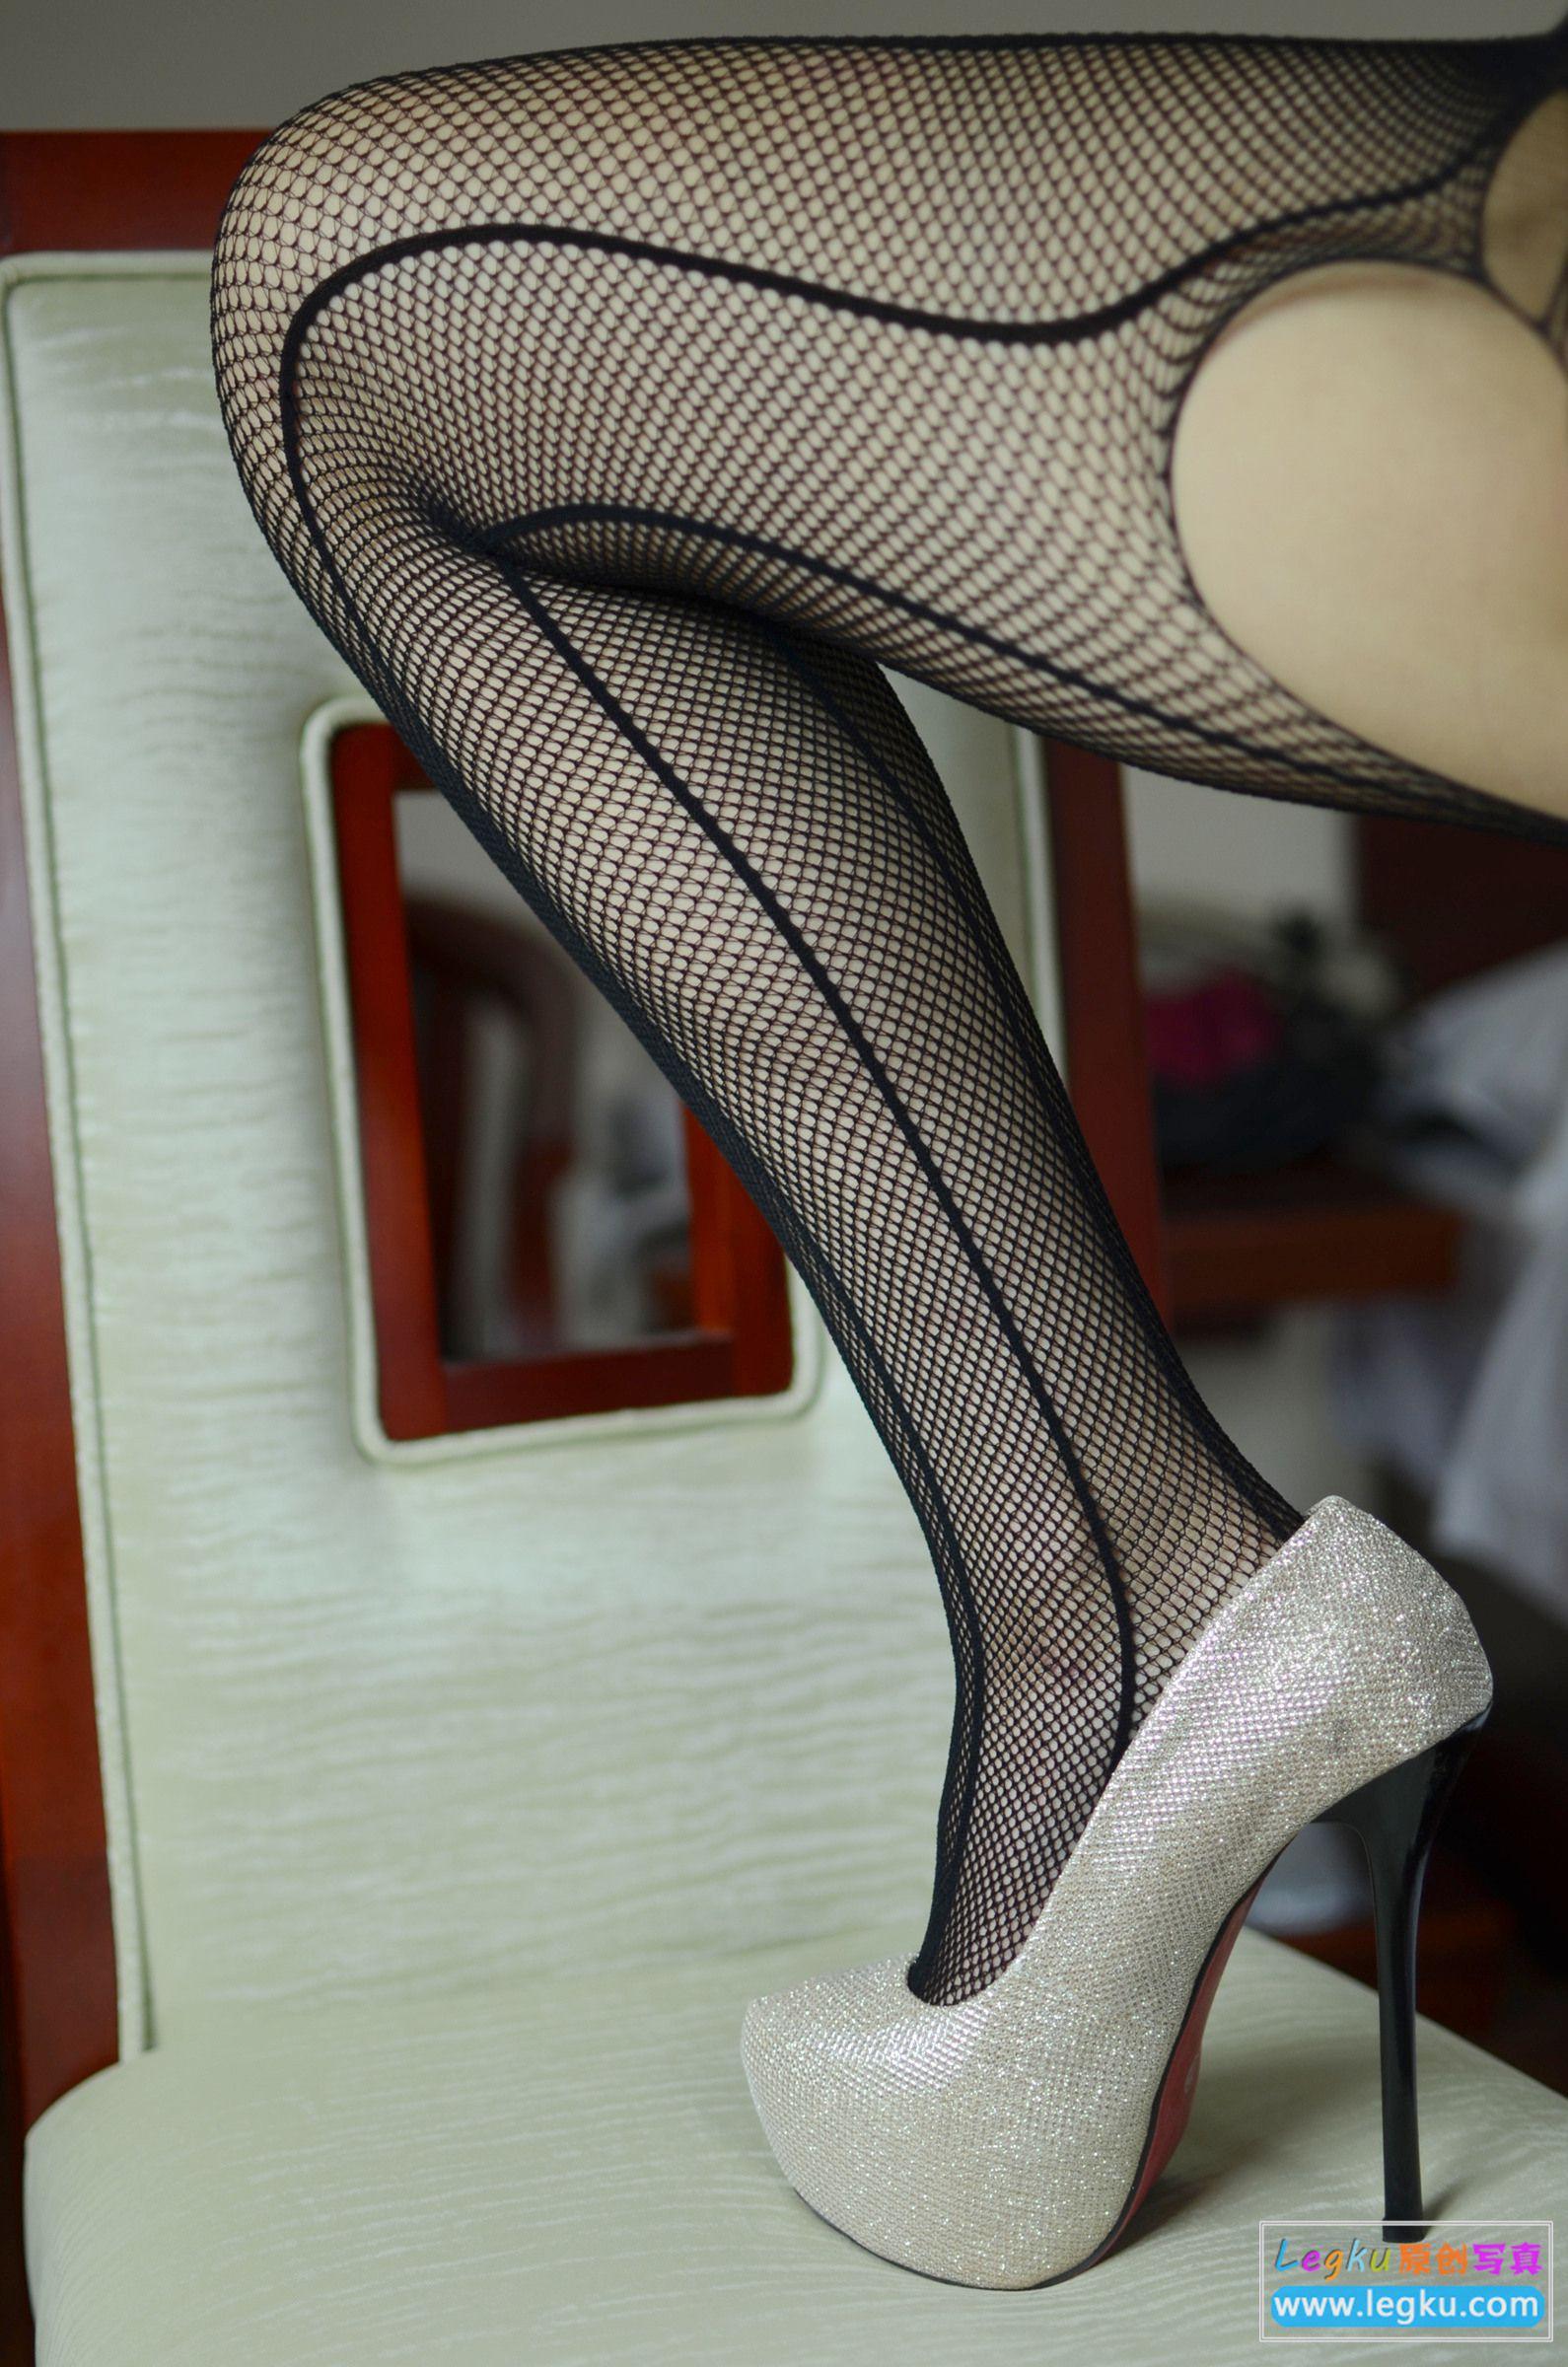 黑色网袜高跟 写真套图